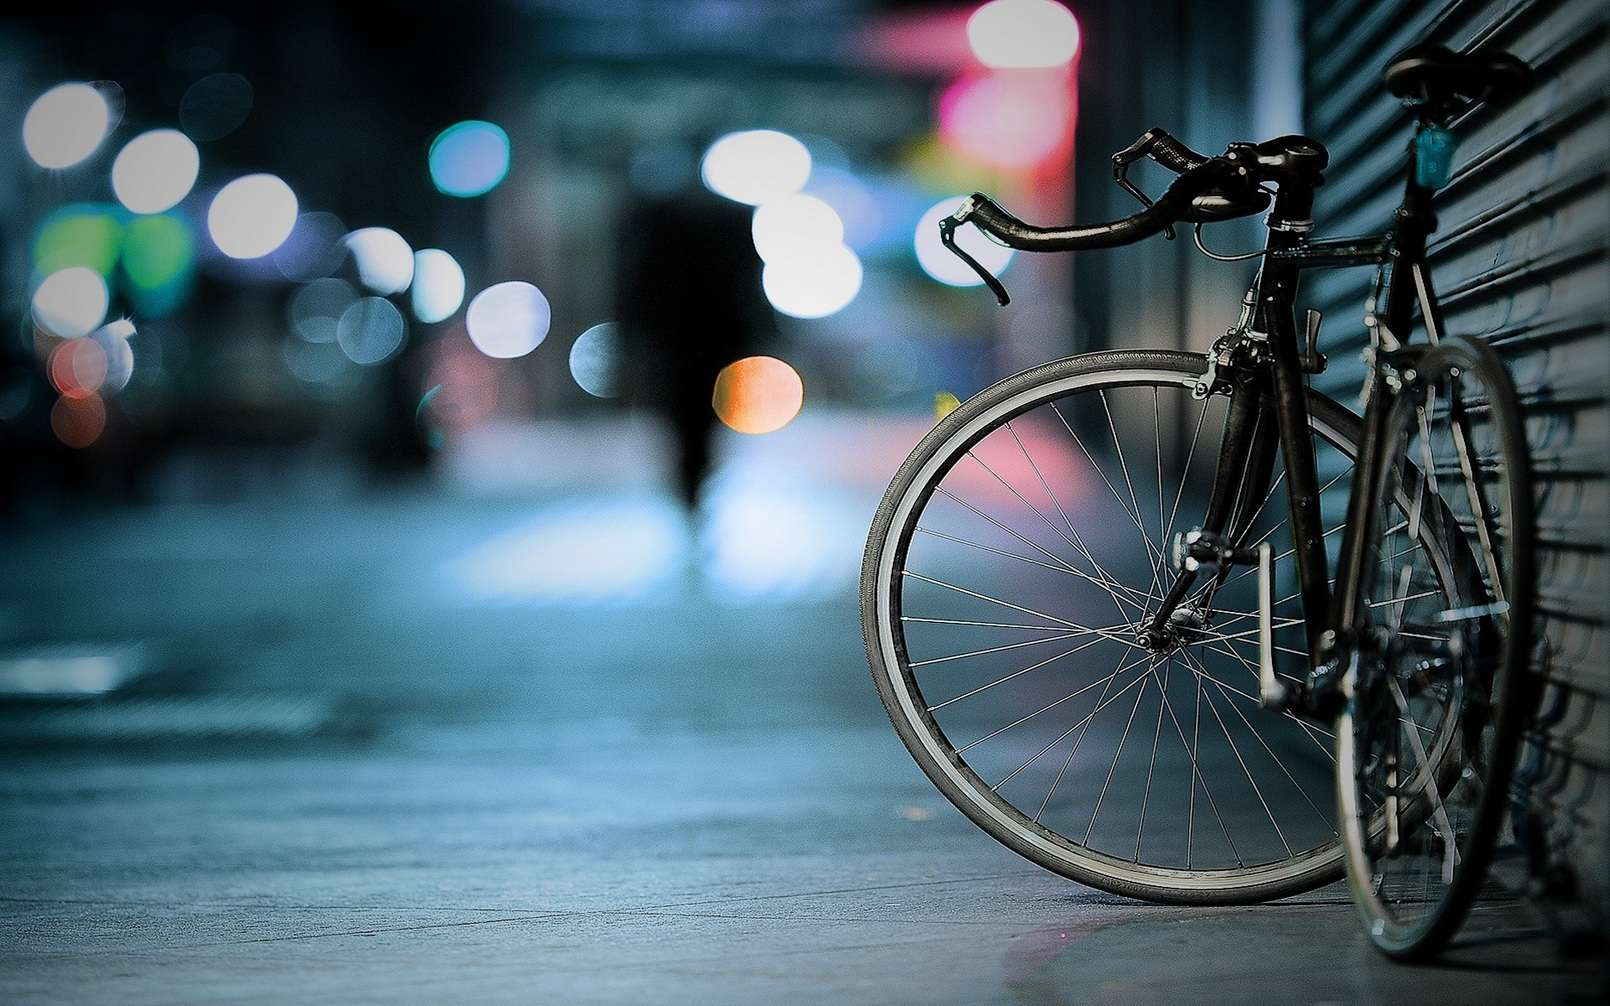 Le marquage des vélos musculaires et vélos électriques neufs est obligatoire depuis le 1er janvier 2021. © Pexels de Pixabay